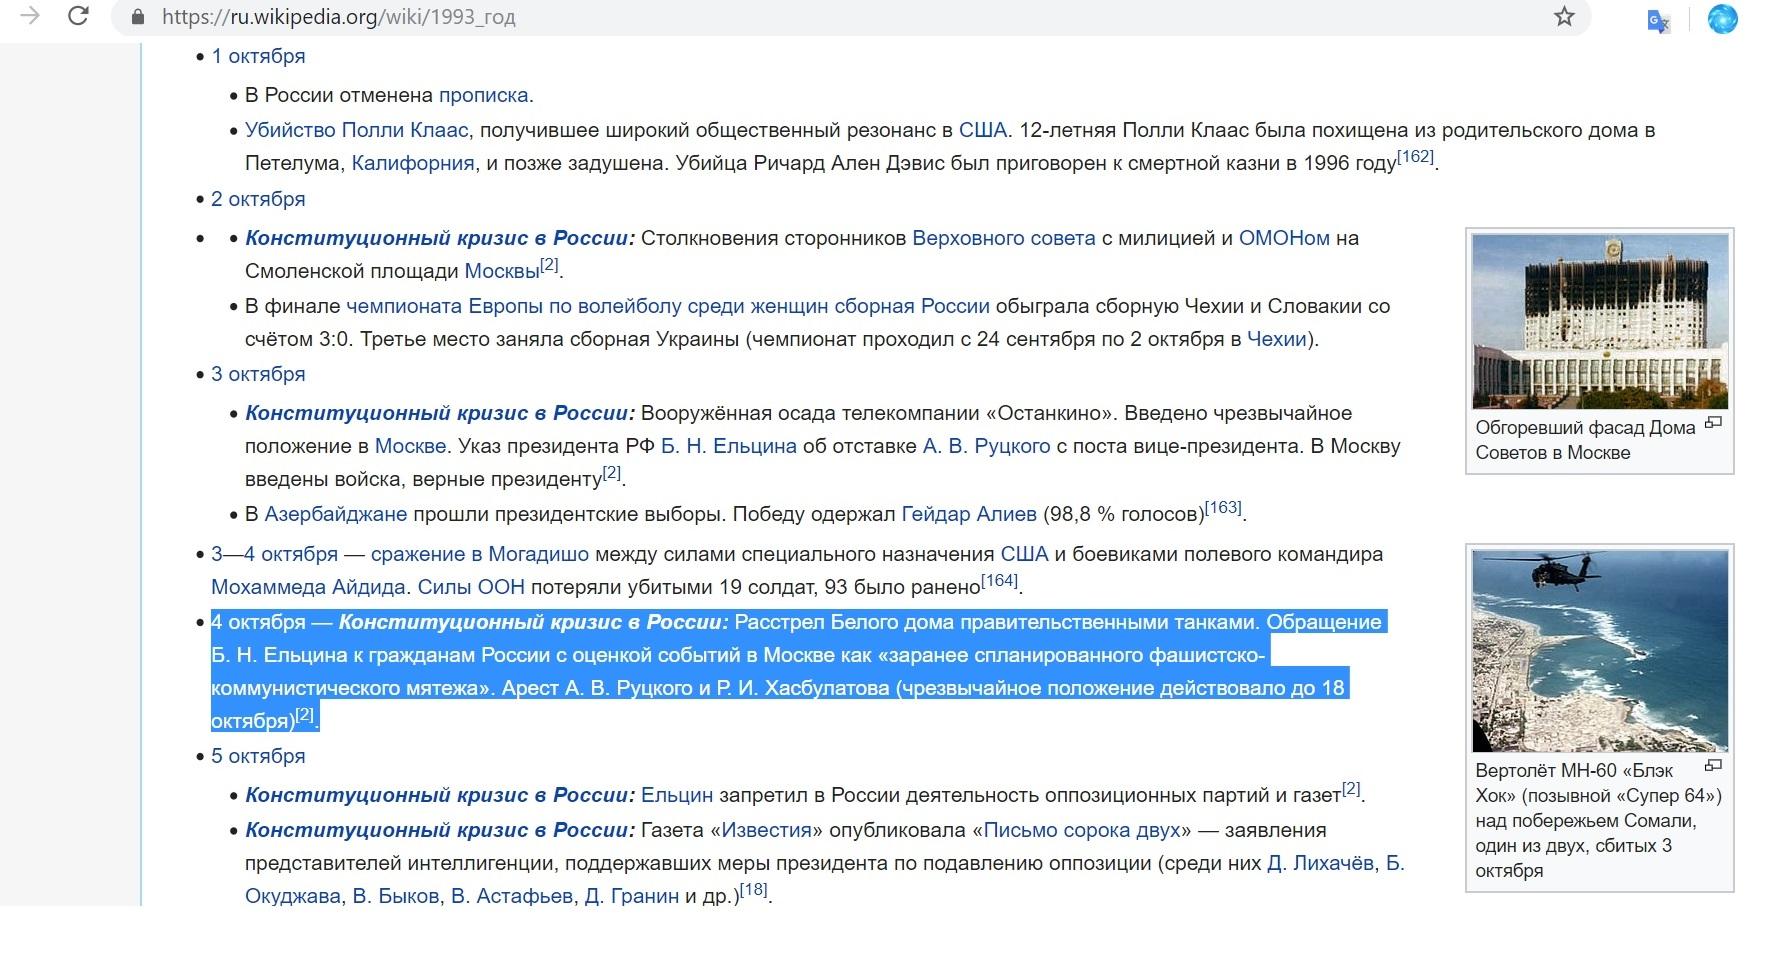 1993 год Распад СССР Трагические события конца сентября – начала октября 1993 года унесли жизни более 150 человек, порядка 400 человек получили ранения. Среди погибших оказались журналисты, освещавшие происходящее, и много простых граждан. 7 октября 1993 года было объявлено днем траура.